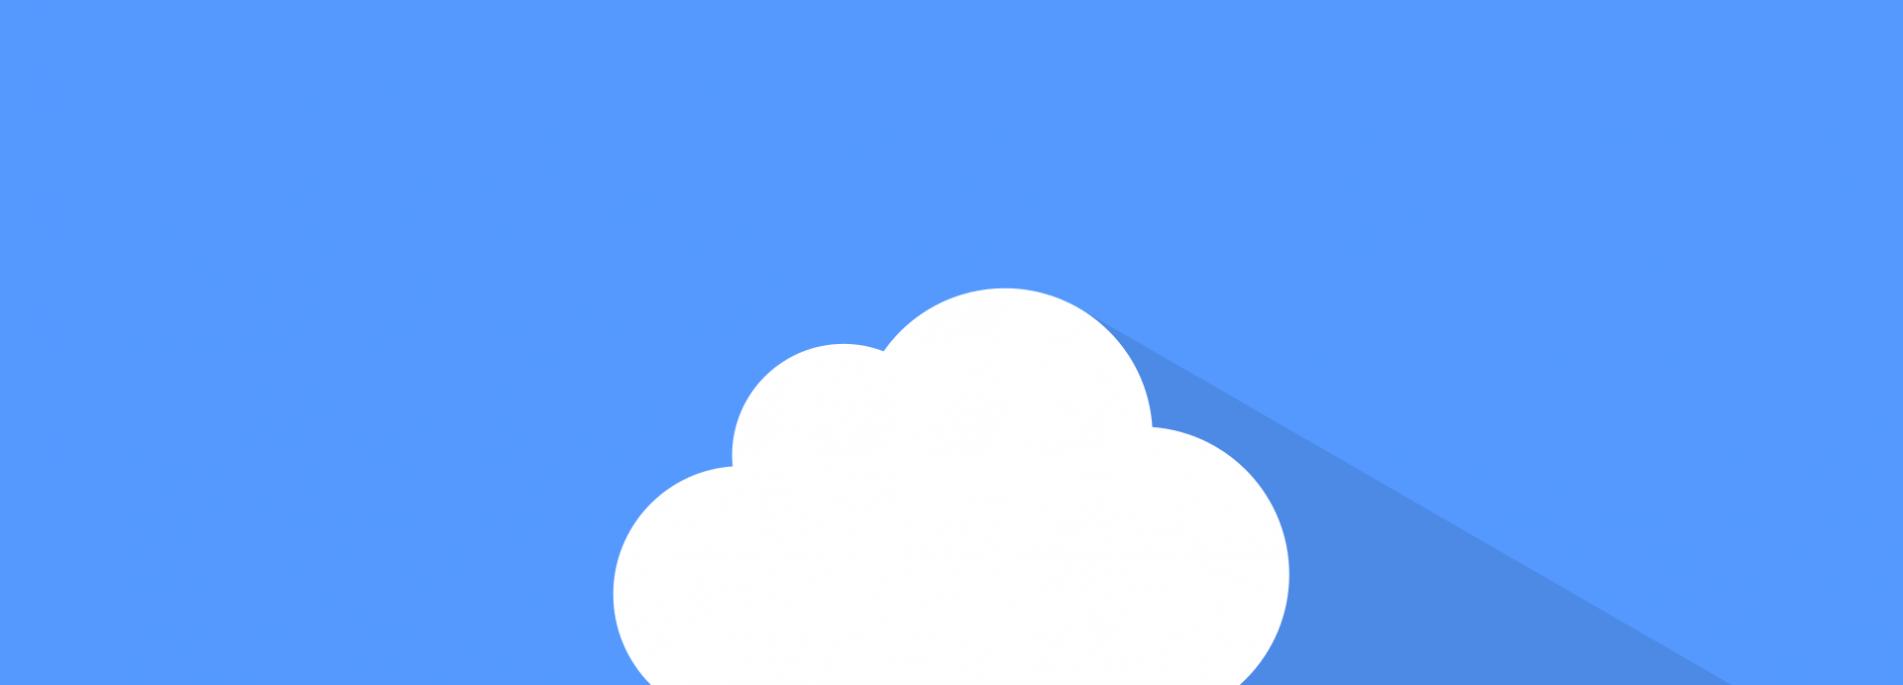 Os impactos da computação na nuvem na economia global